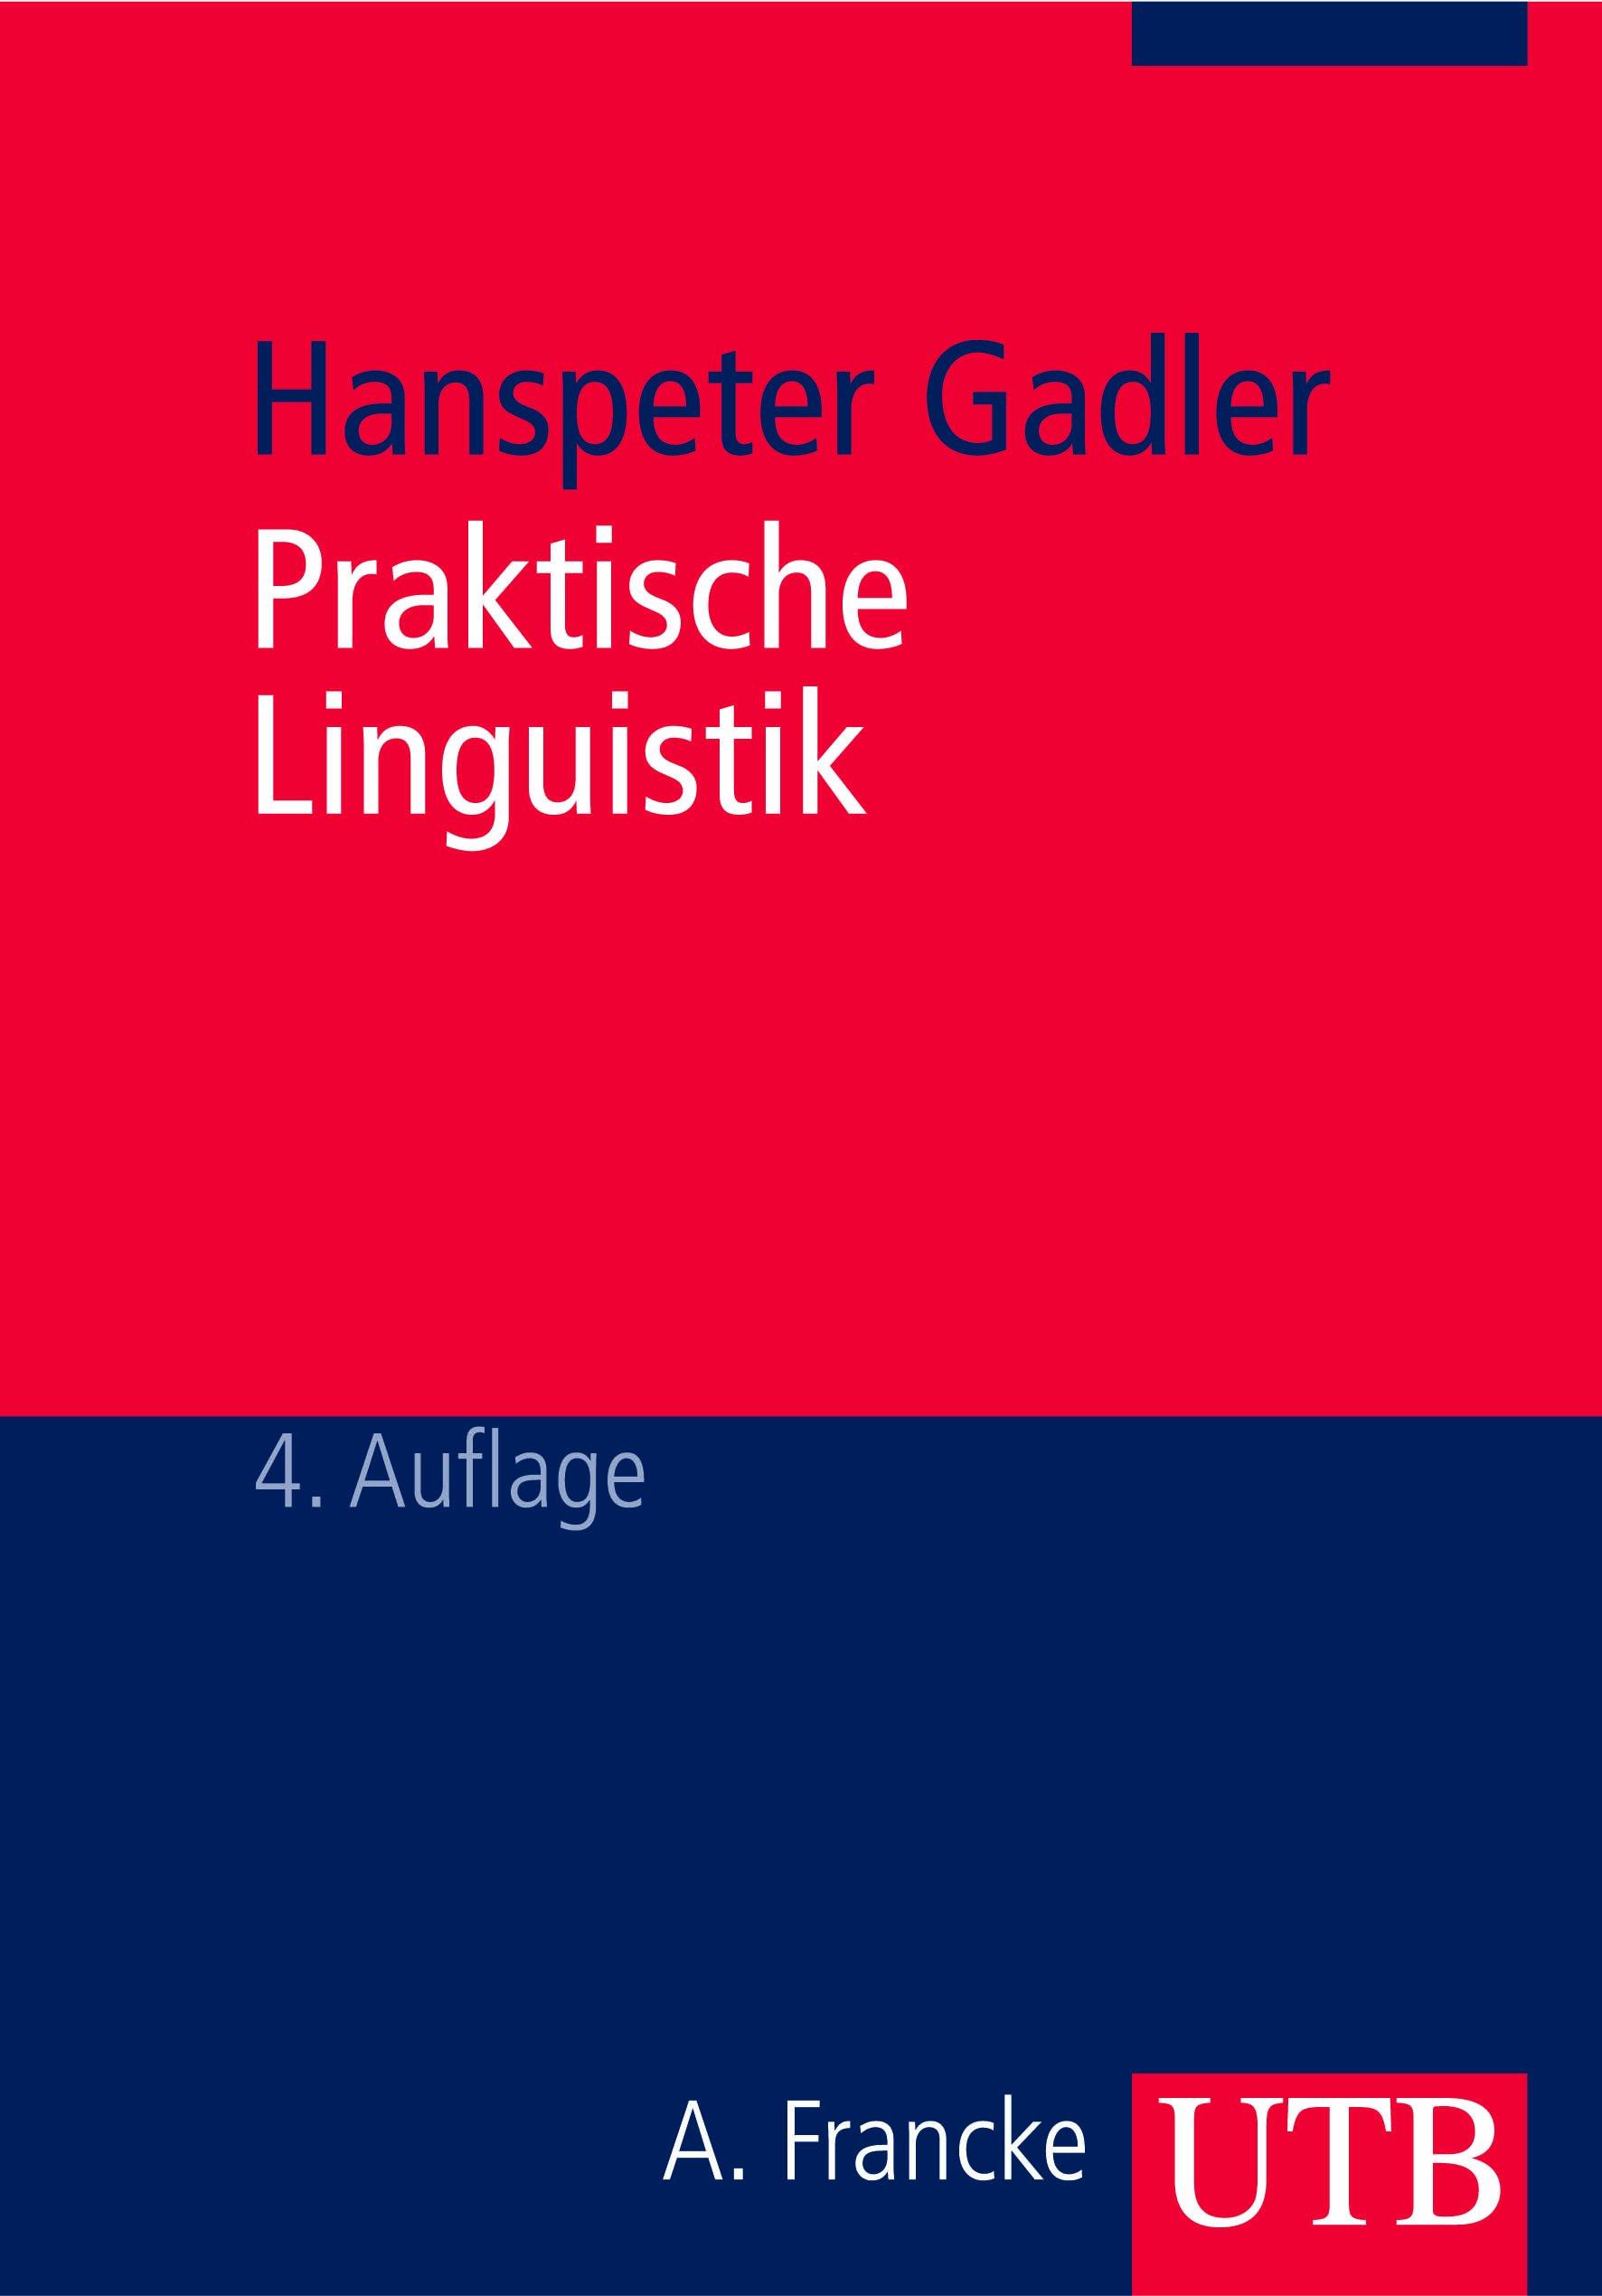 Praktische Linguistik: Eine Einführung in die Linguistik für Logopäden und Sprachheillehrer